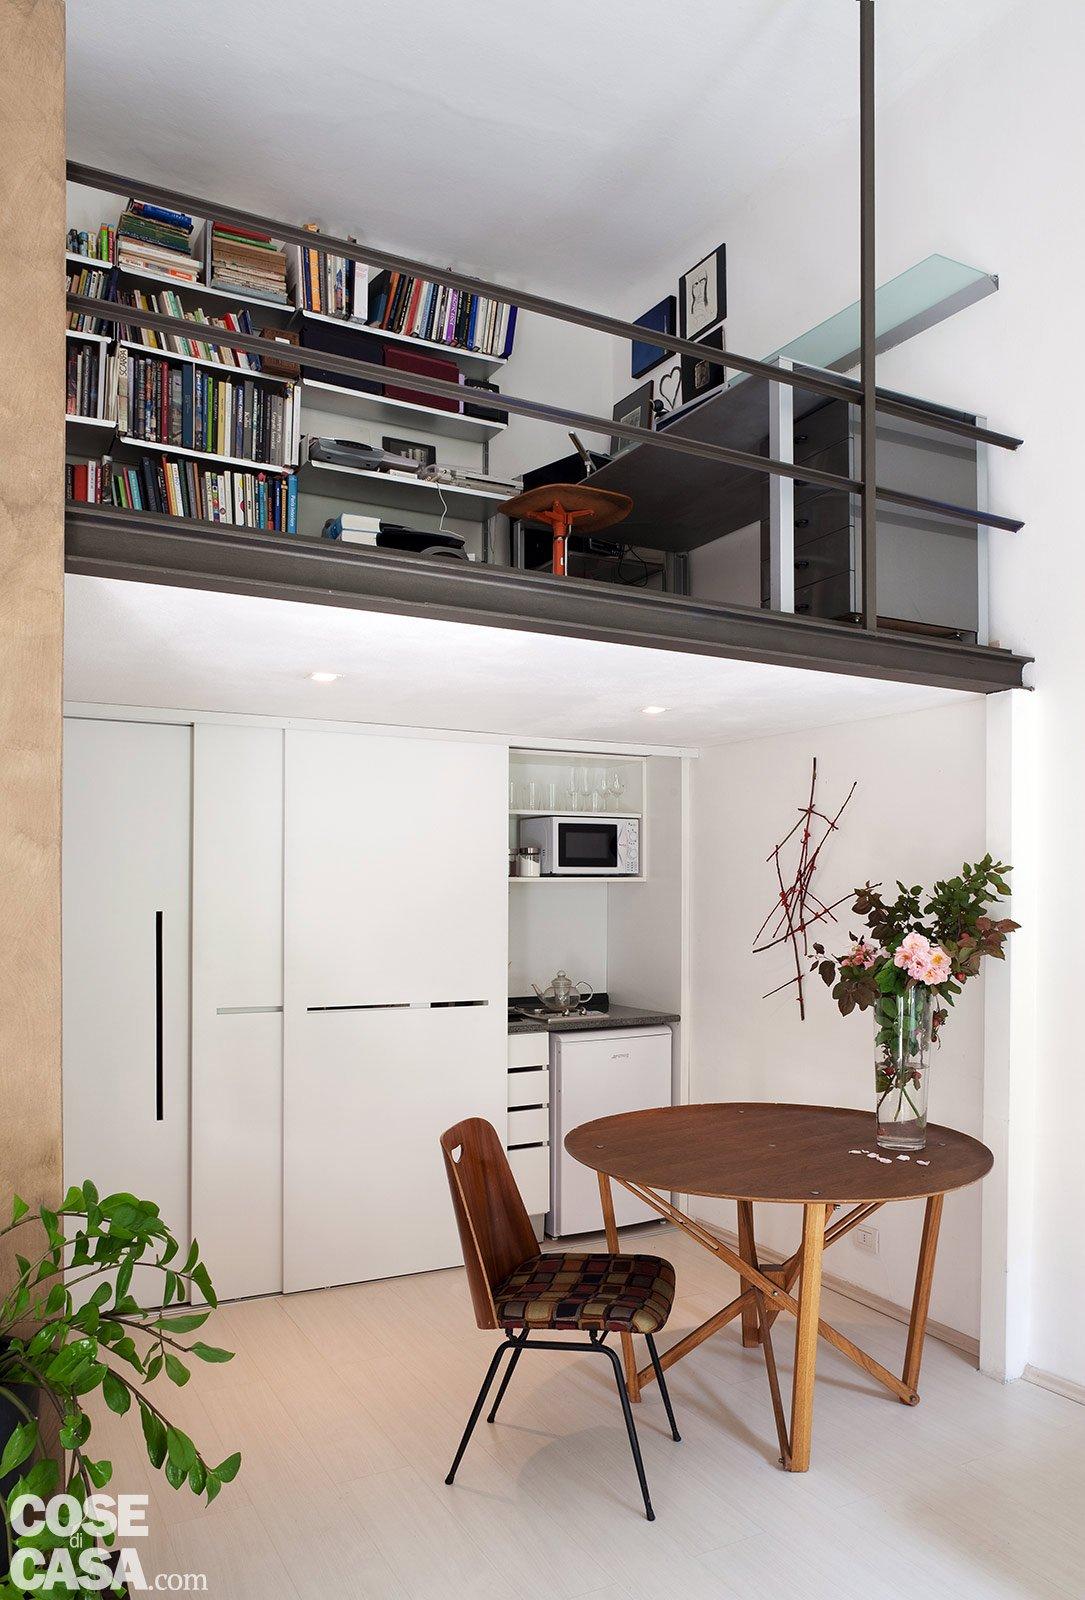 Monolocale una casa di 30 mq risolta al centimetro cose - Cucina con soppalco ...